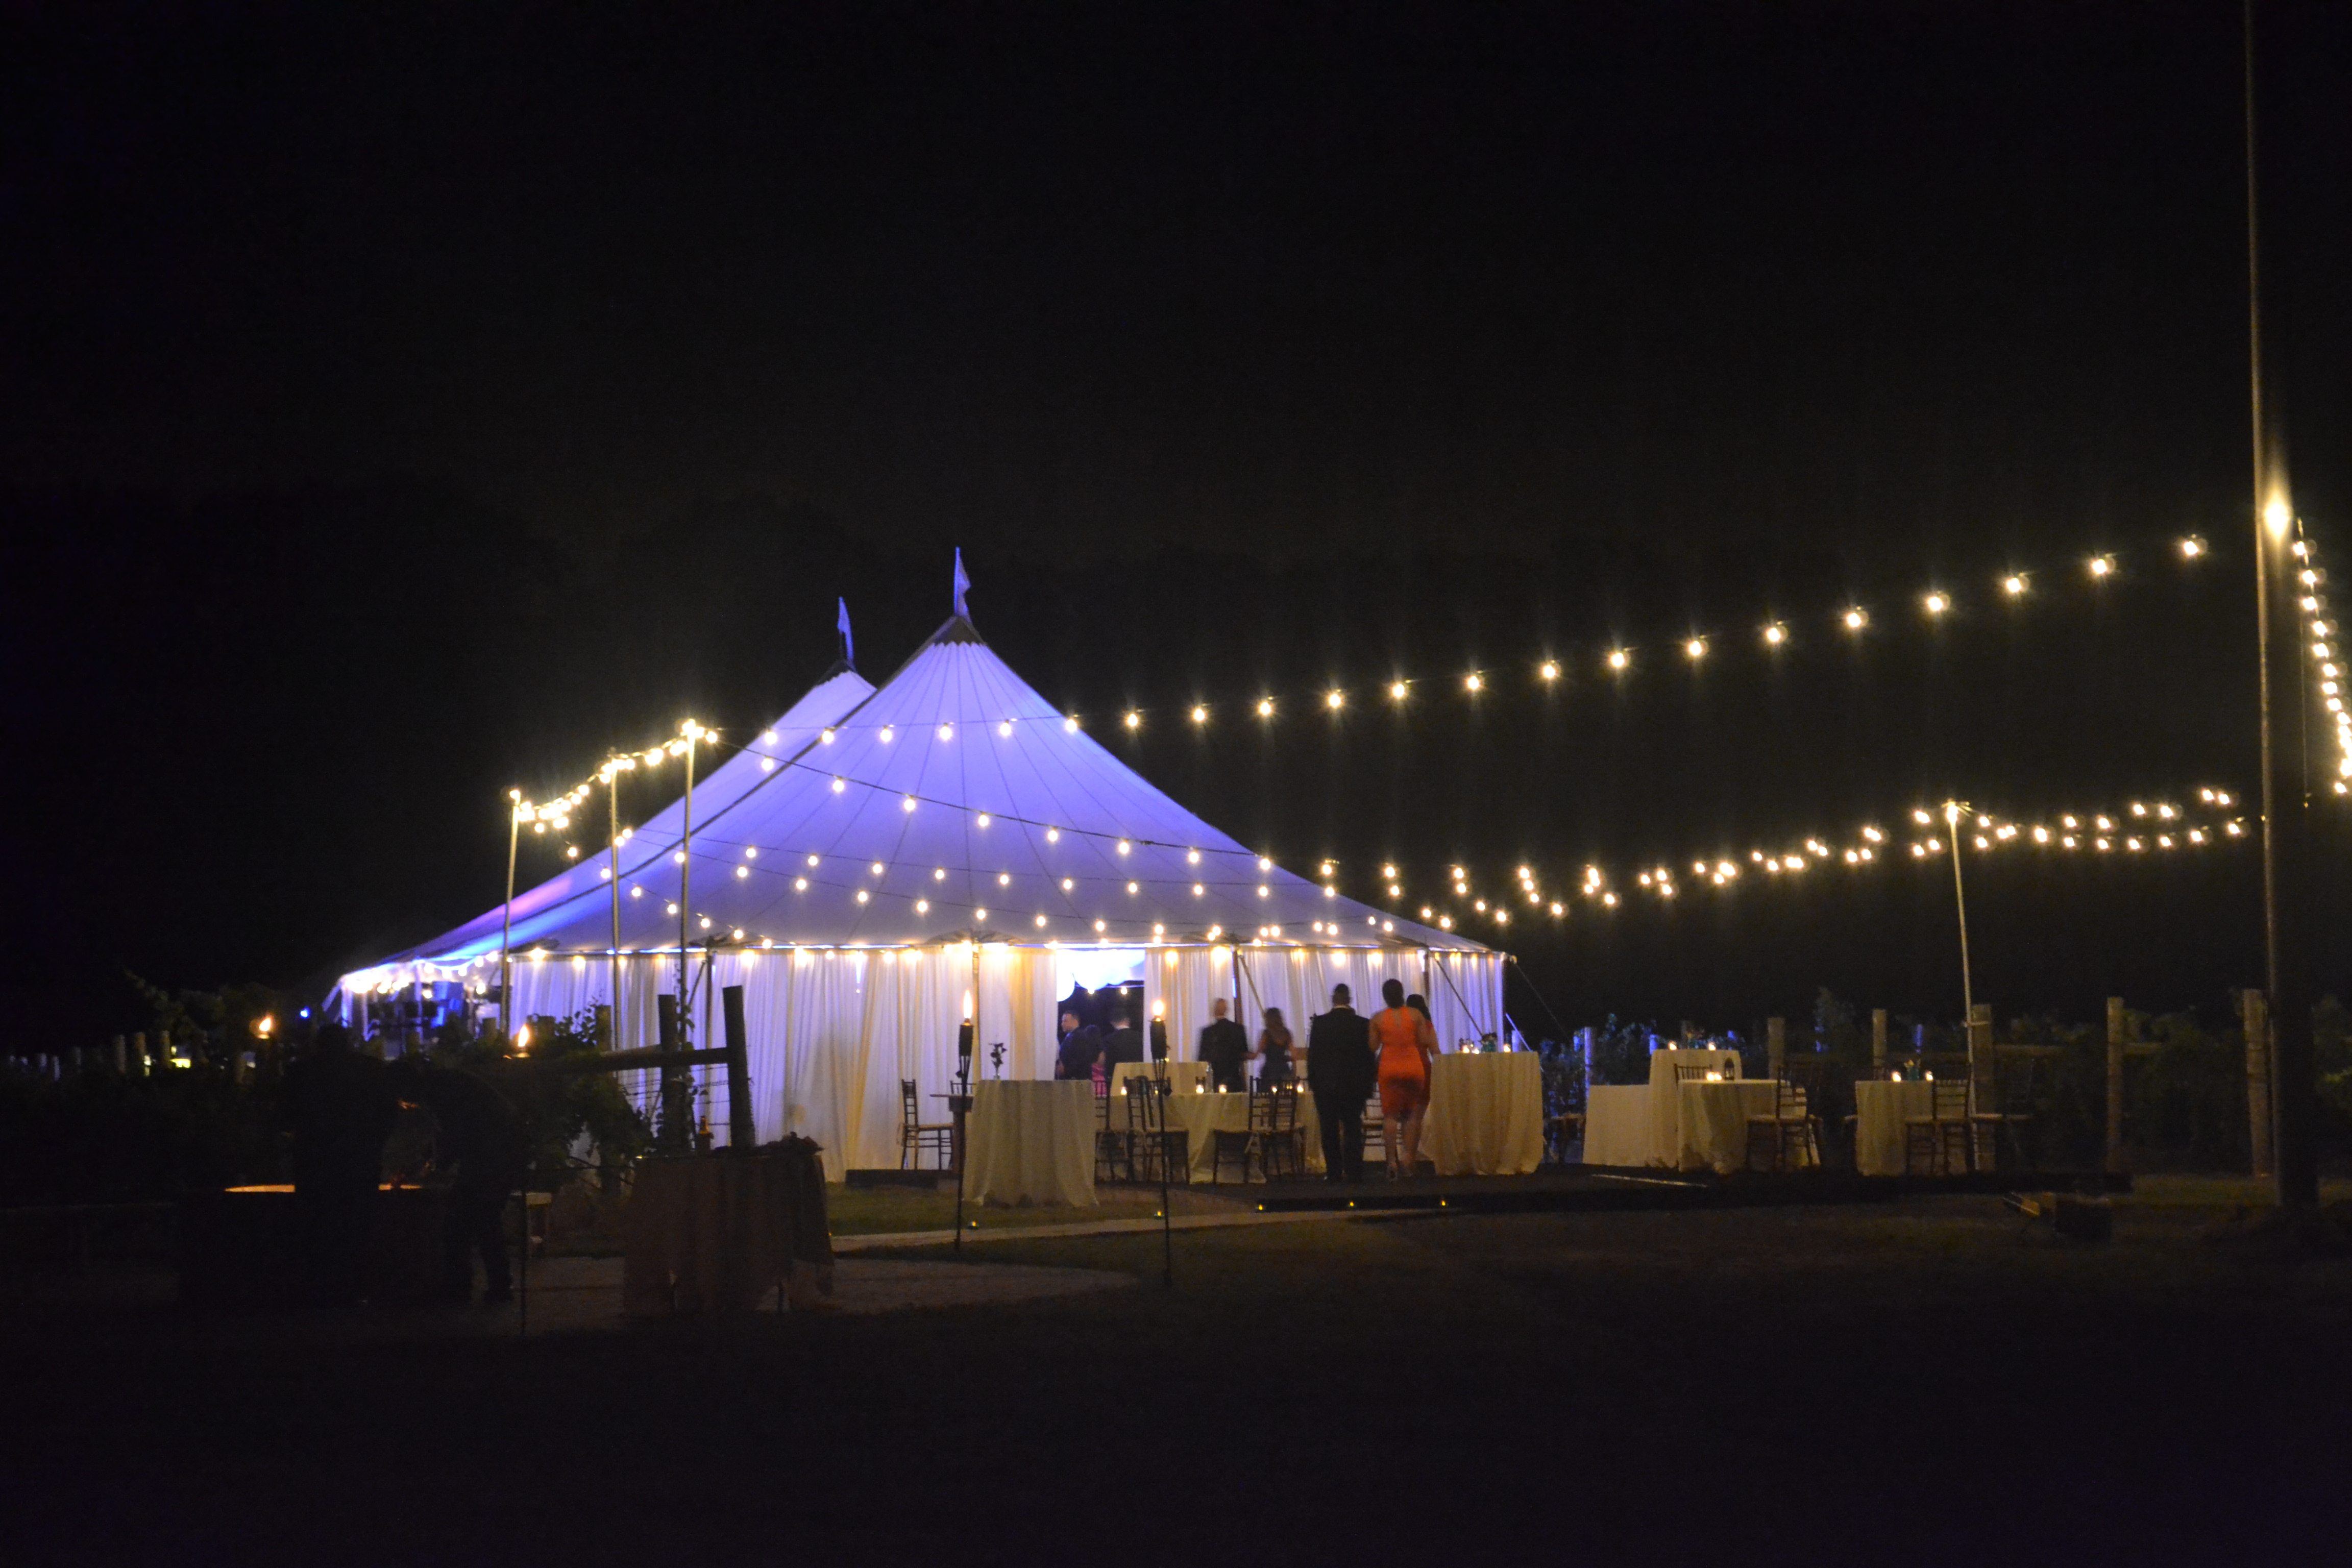 Bistro String Lighting & Ocean Tents-Bistro Lighting